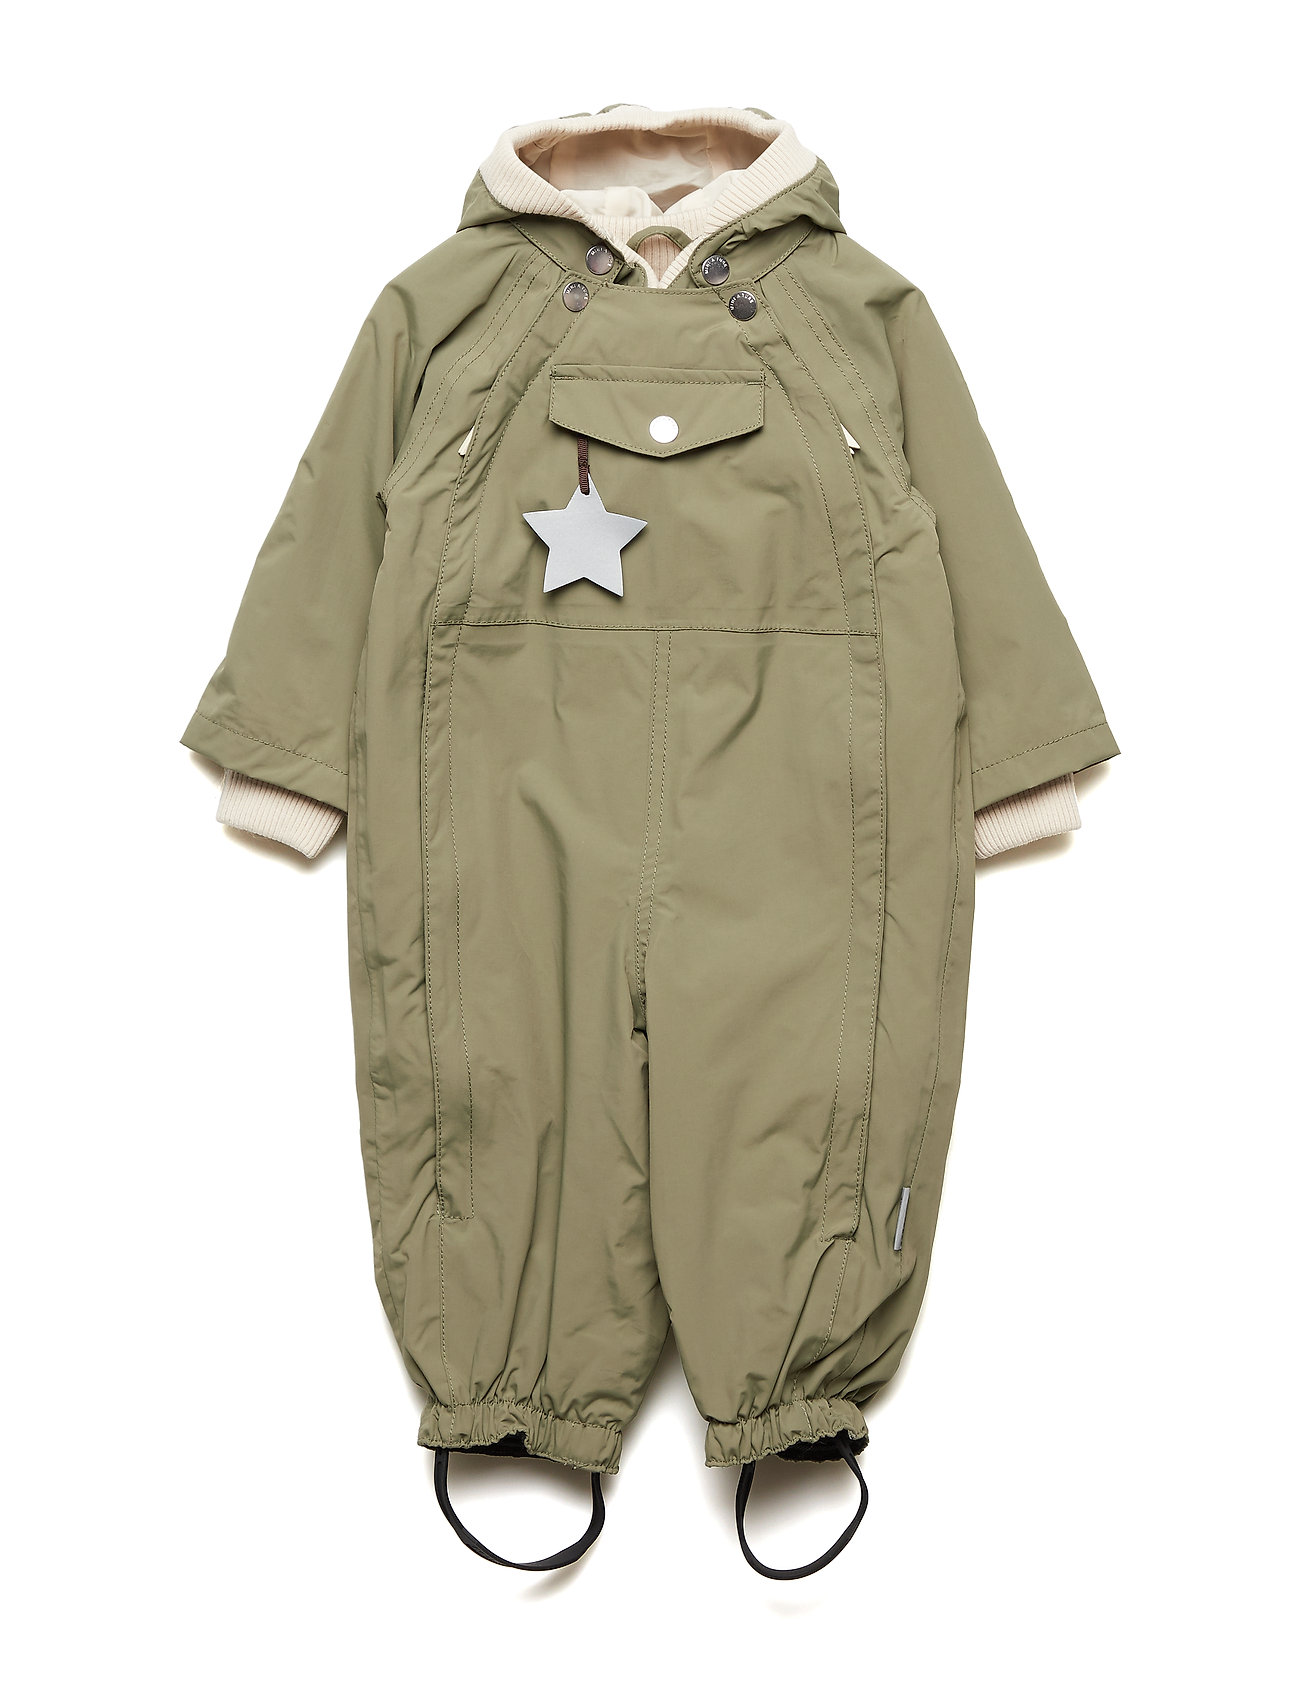 Mini A Ture Wisto Suit, M